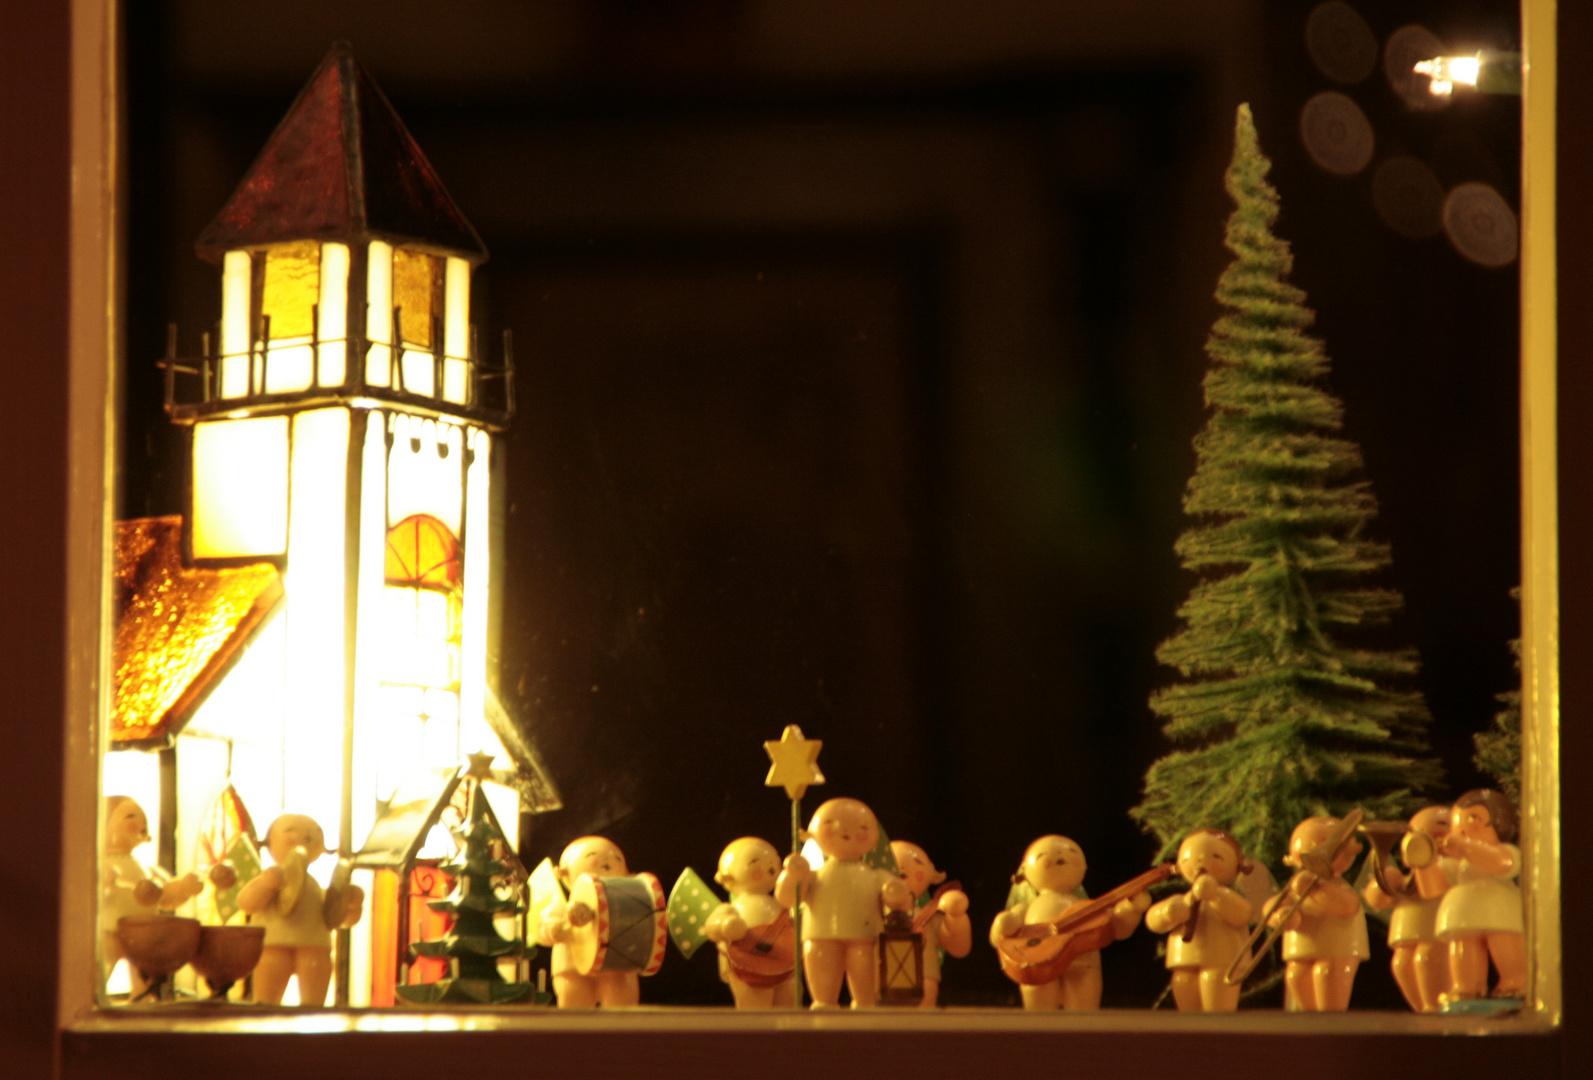 Vorweihnachtliche Fensterdeko